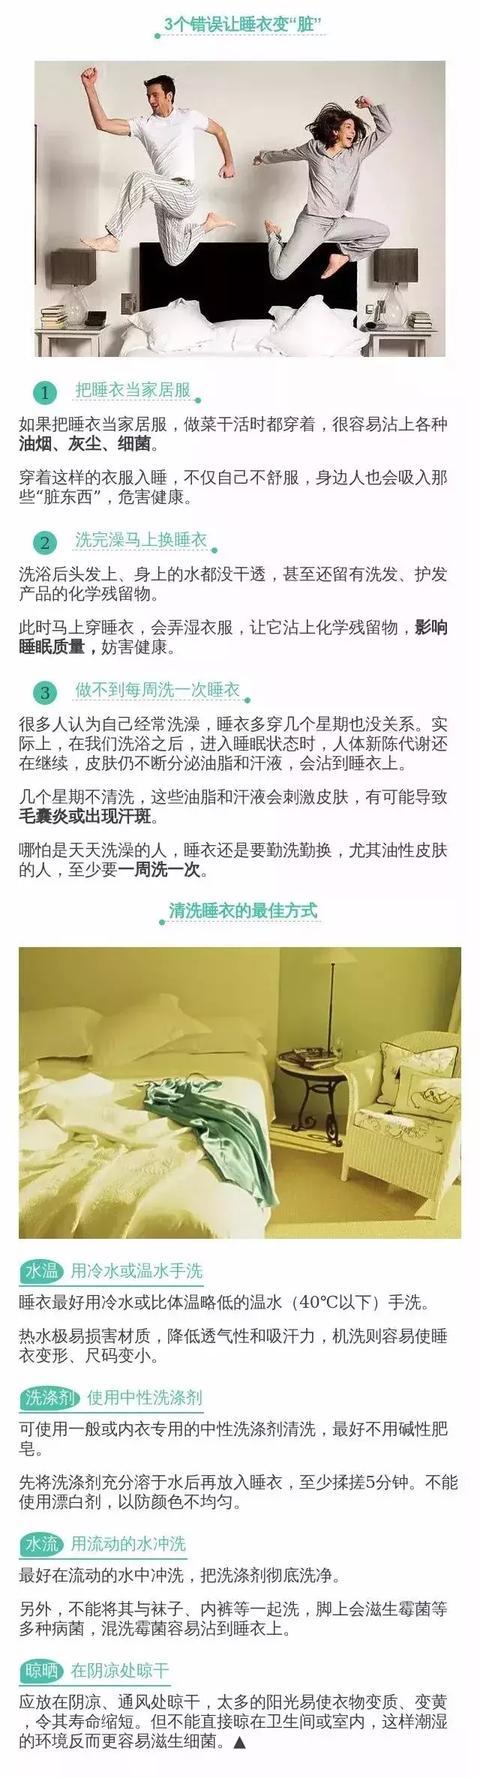 你的睡衣多久洗一次?超过这个时间可能患病